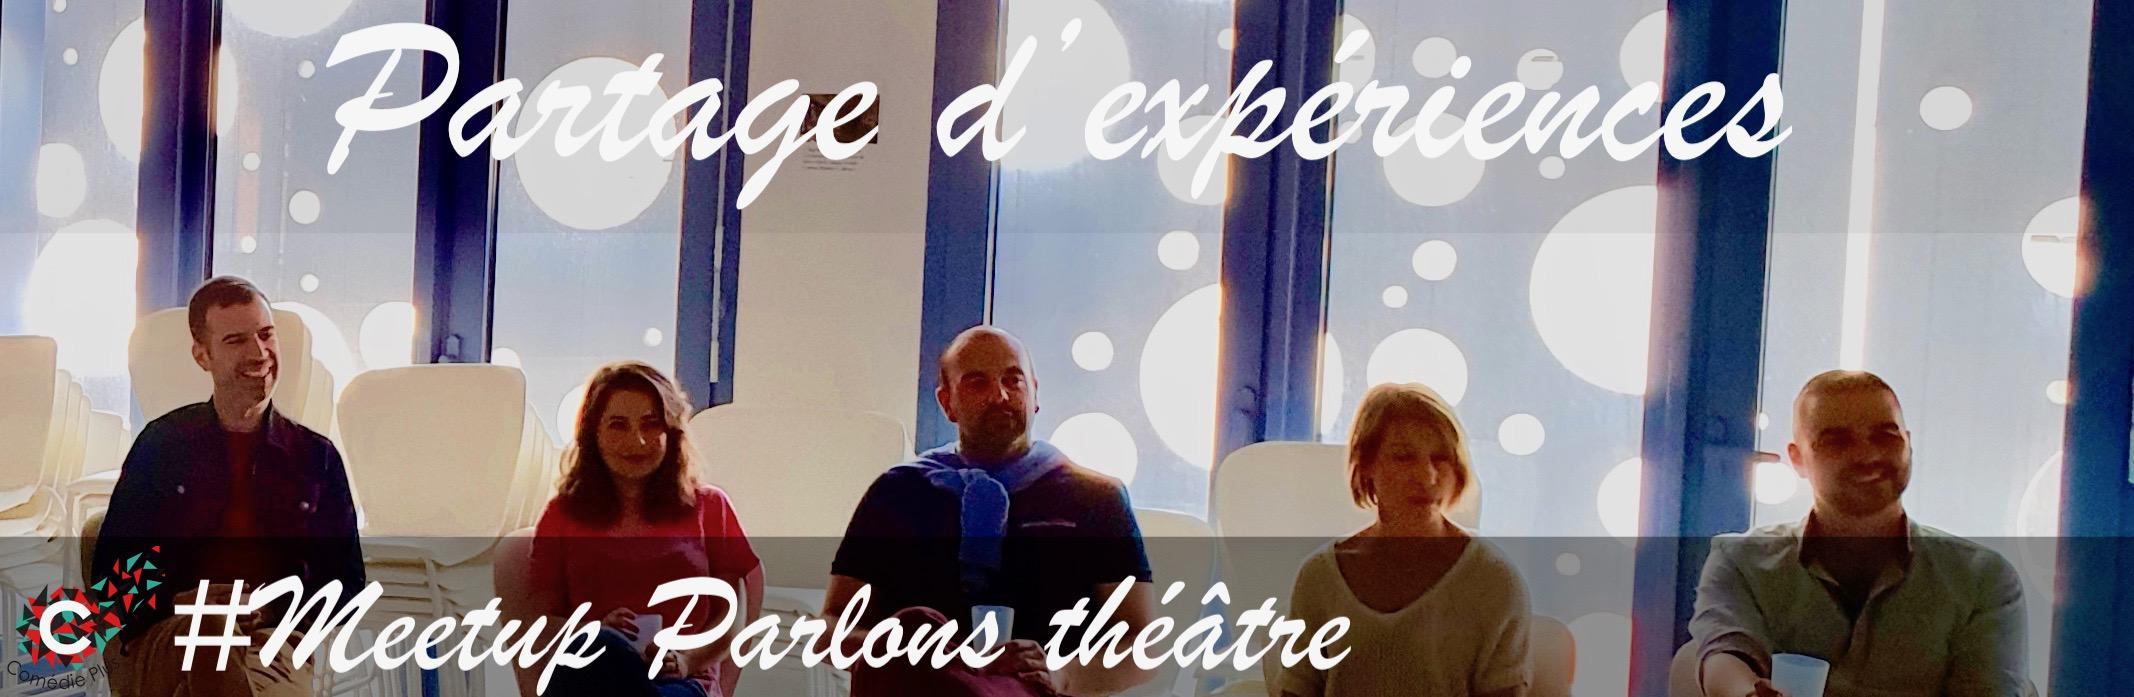 Partage Expériences Meetup